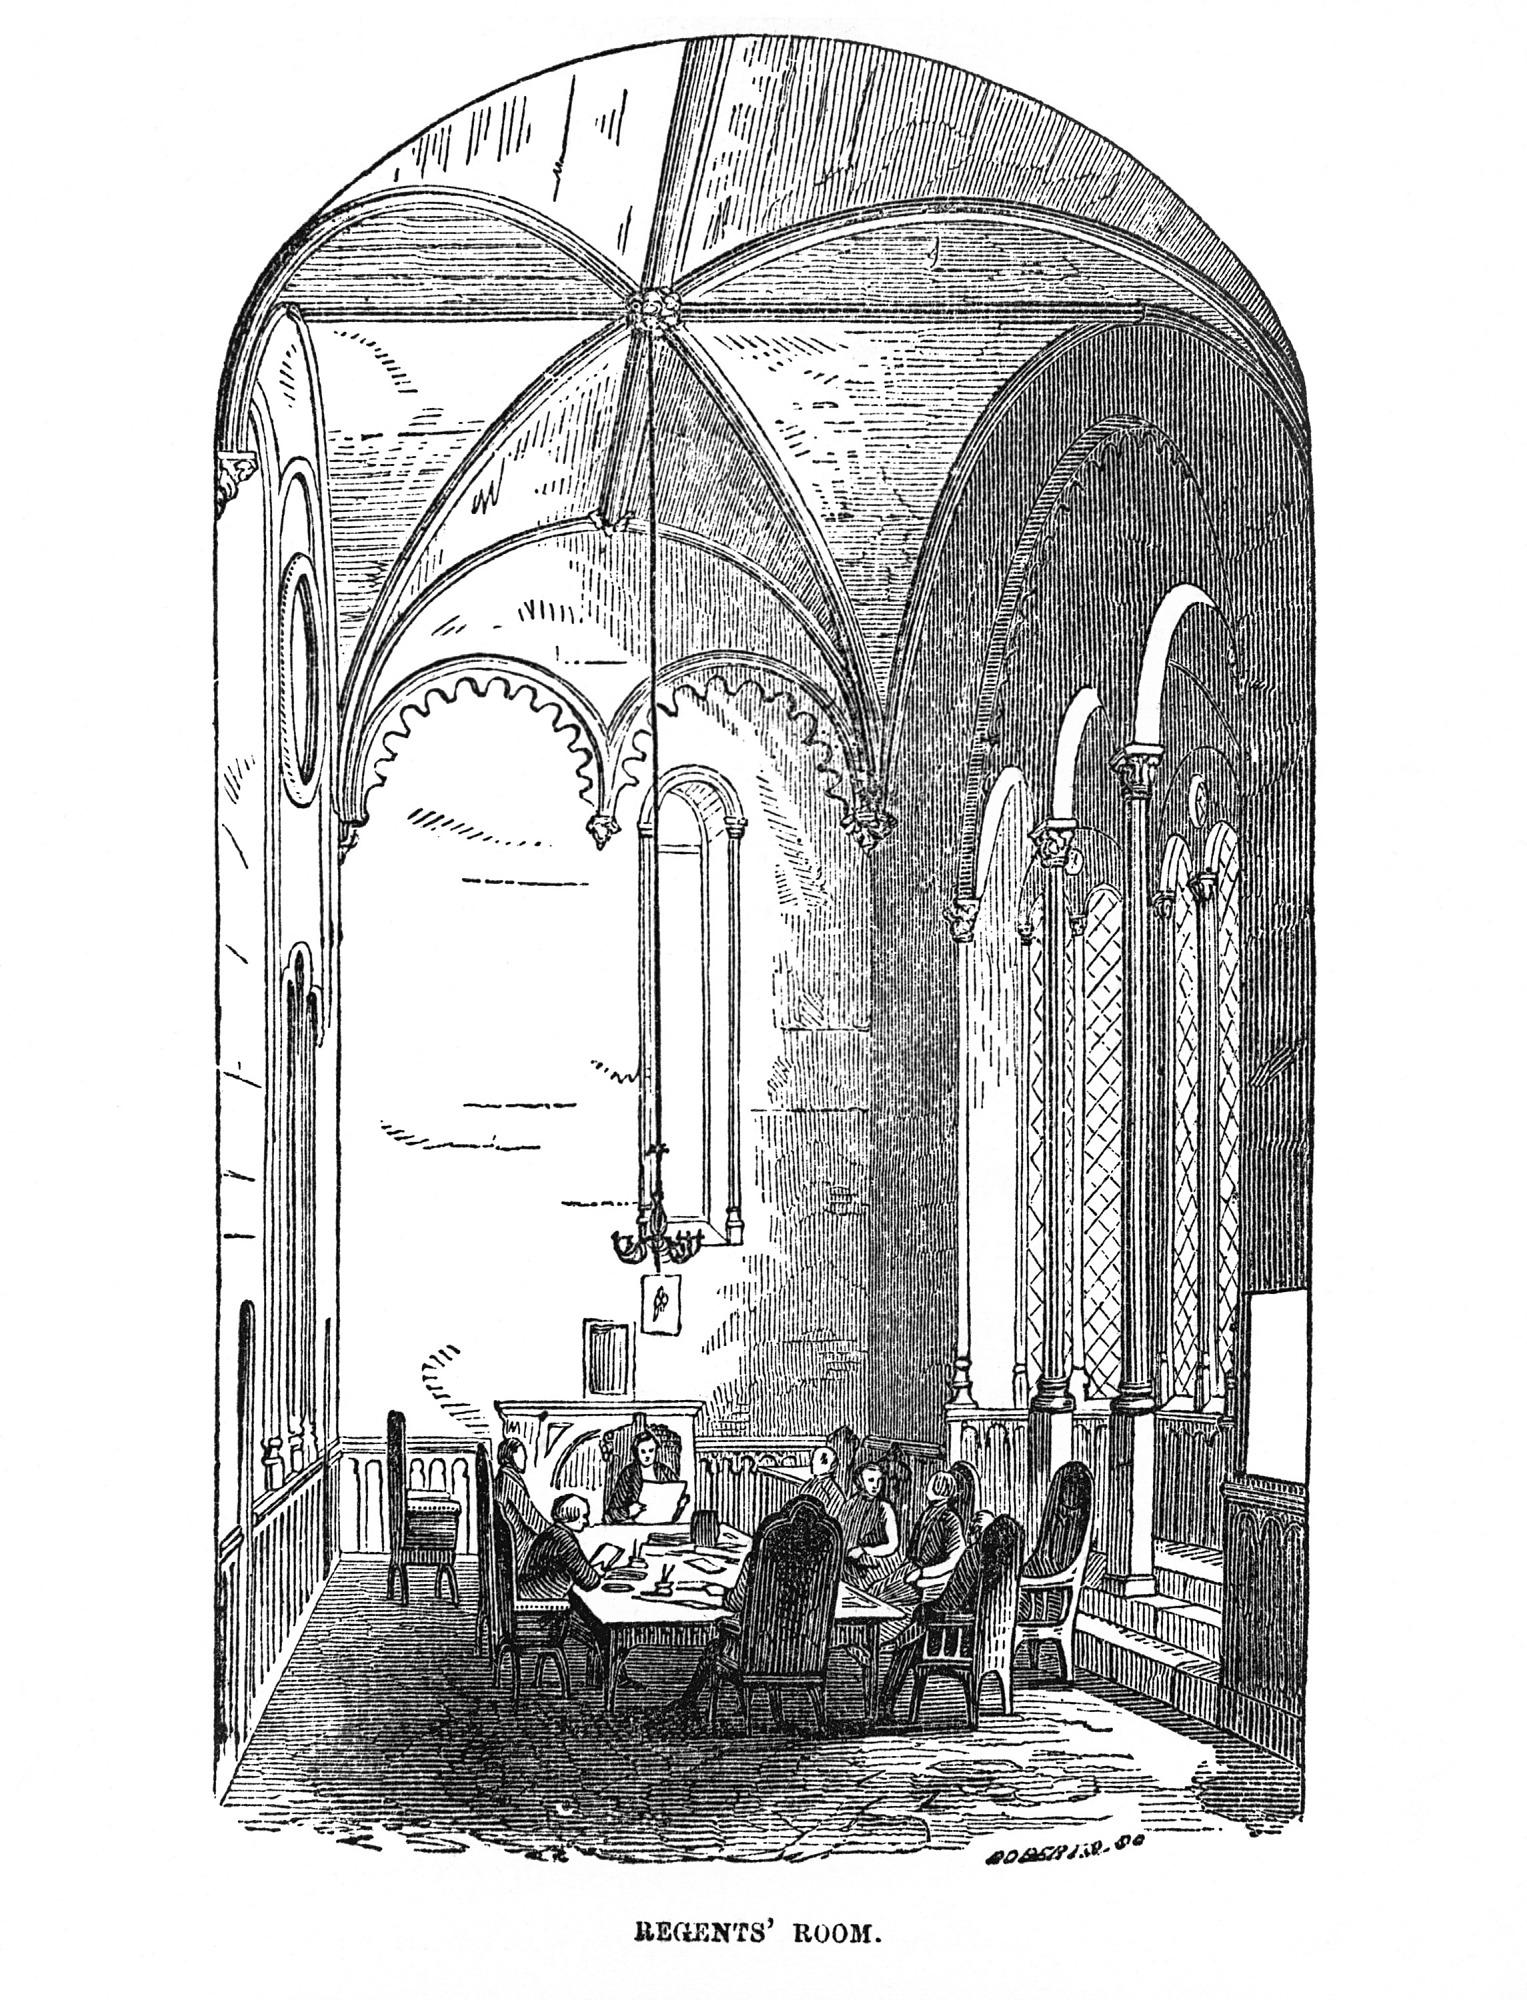 Regents' Room in Smithsonian Institution Building